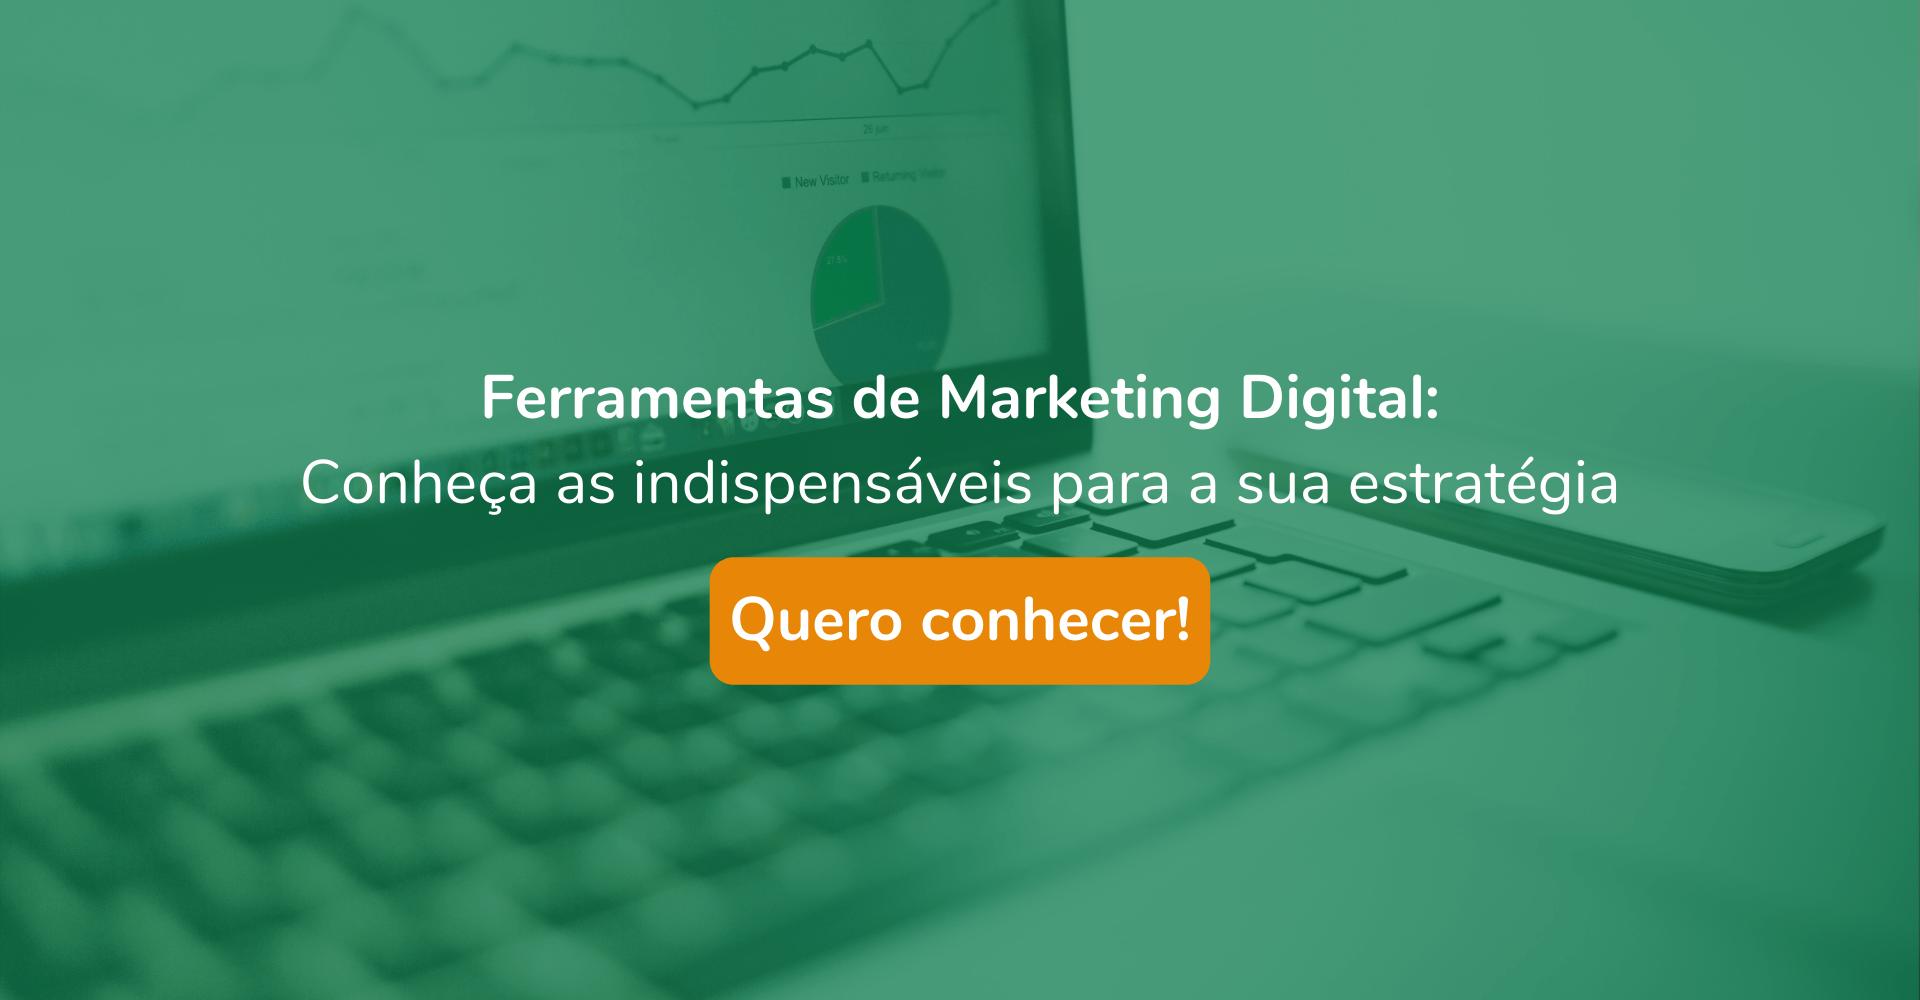 Ferramentas de Marketing Digital indispensáveis para seu planejamento estratégico